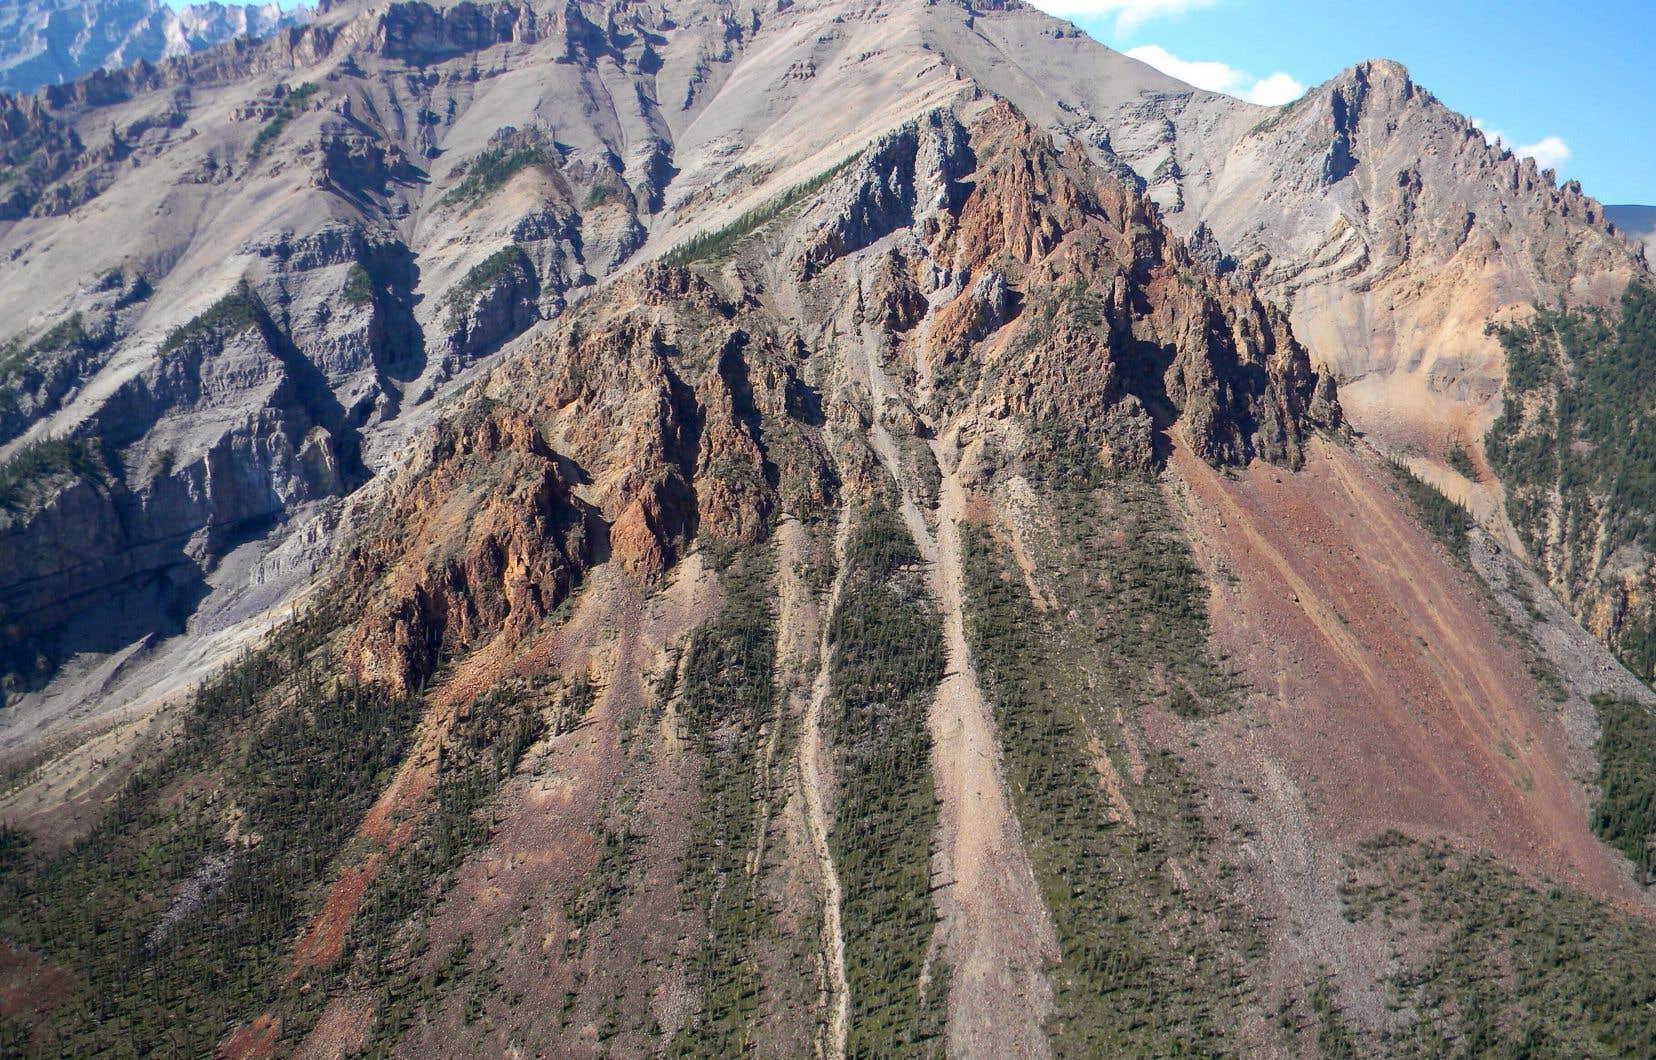 La géologue Elizabeth Turner a découvert ces roches dans une région éloignée des Territoires du Nord-Ouest, une région accessible uniquement par hélicoptère, où elle creuse depuis les années 1980.